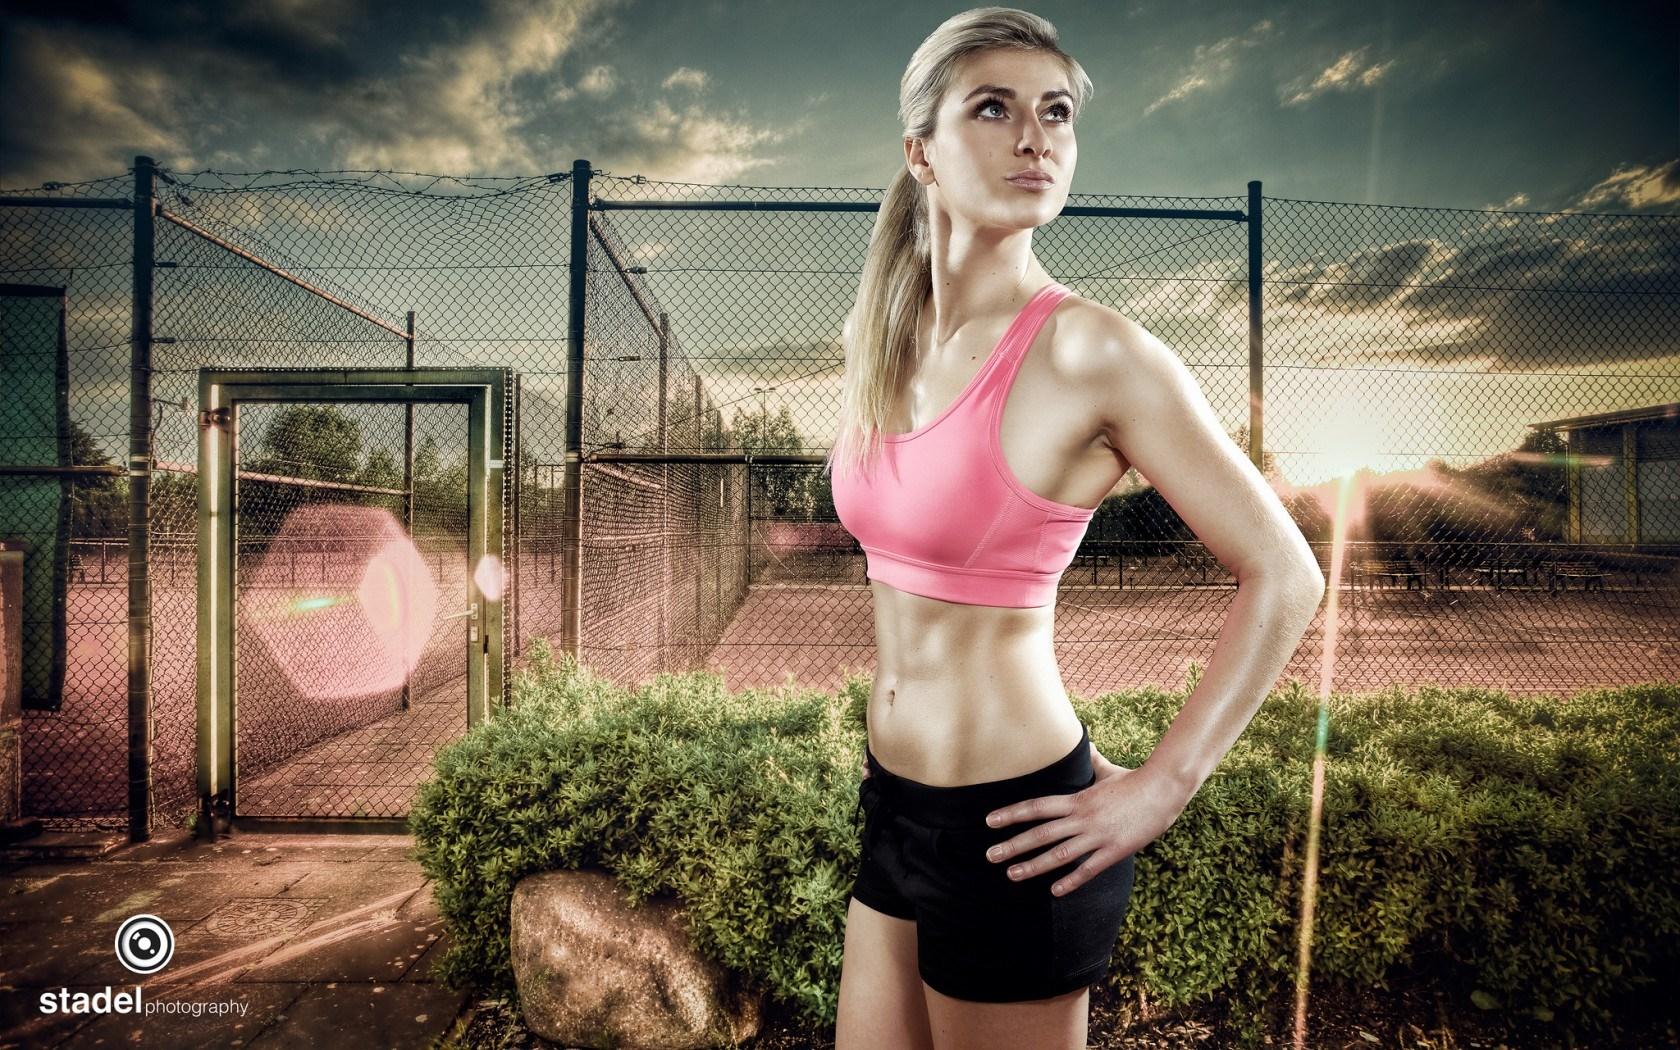 Sport Wallpaper Girls: Fitness Wallpapers Women